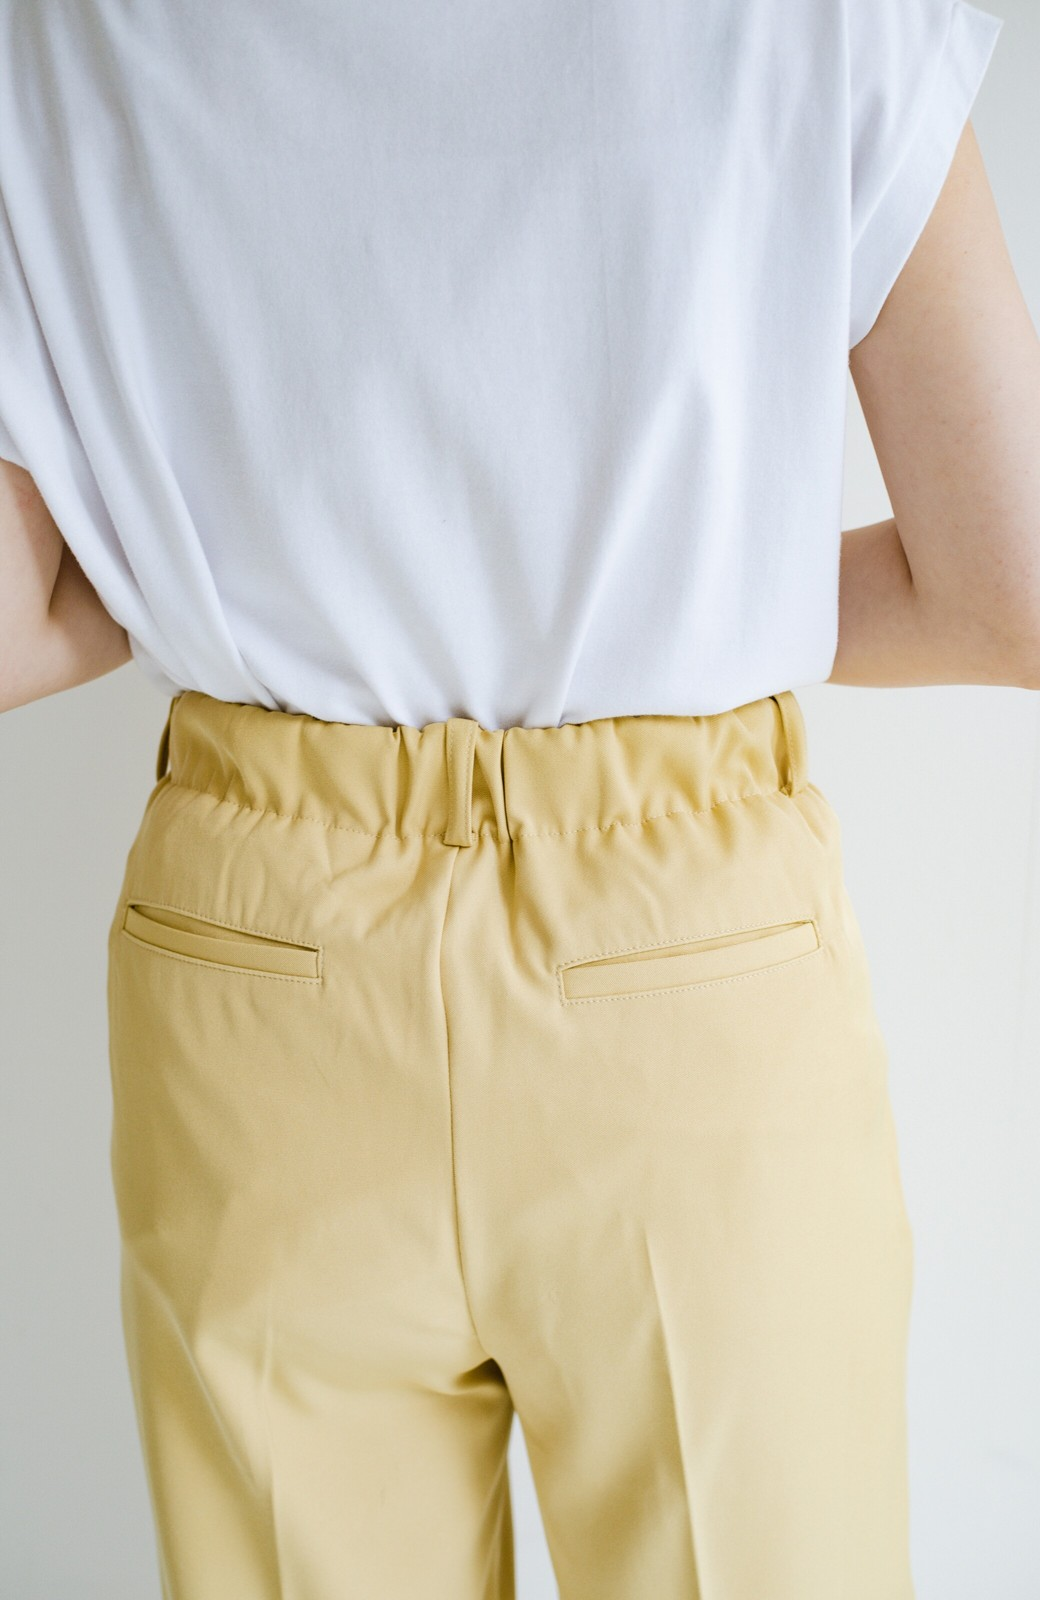 haco! 迷った朝はこれ着よう!元気が出るきれい色パンツにちょい袖大人Tシャツを合わせておいた作り置きコーデセット by que made me <その他>の商品写真13